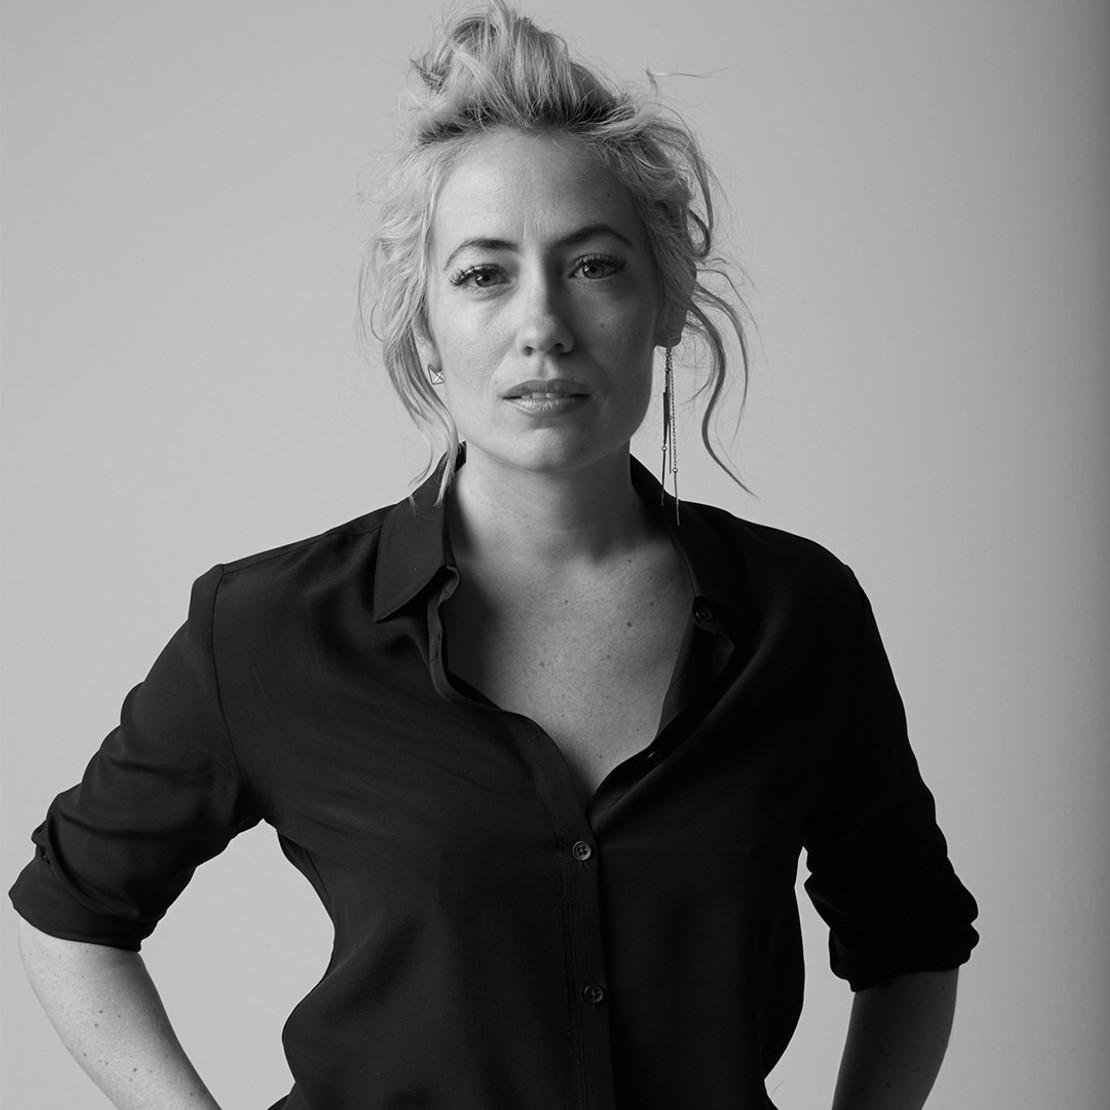 Empowering Women Series: Kathryn Budig